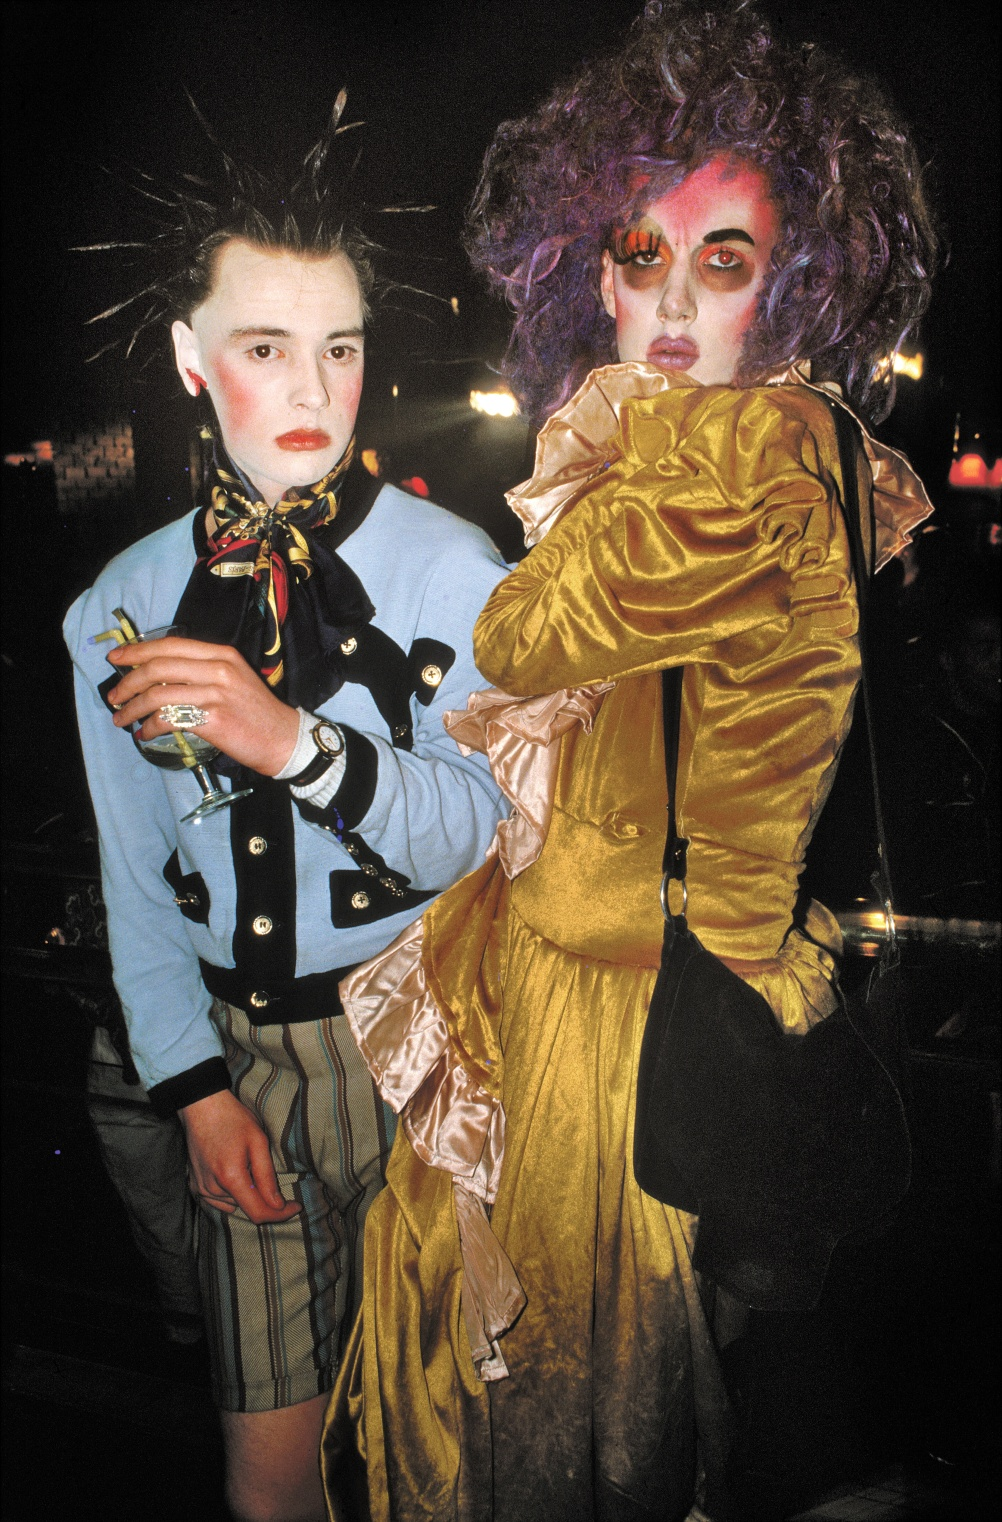 Trojan and Mark at Taboo 1986